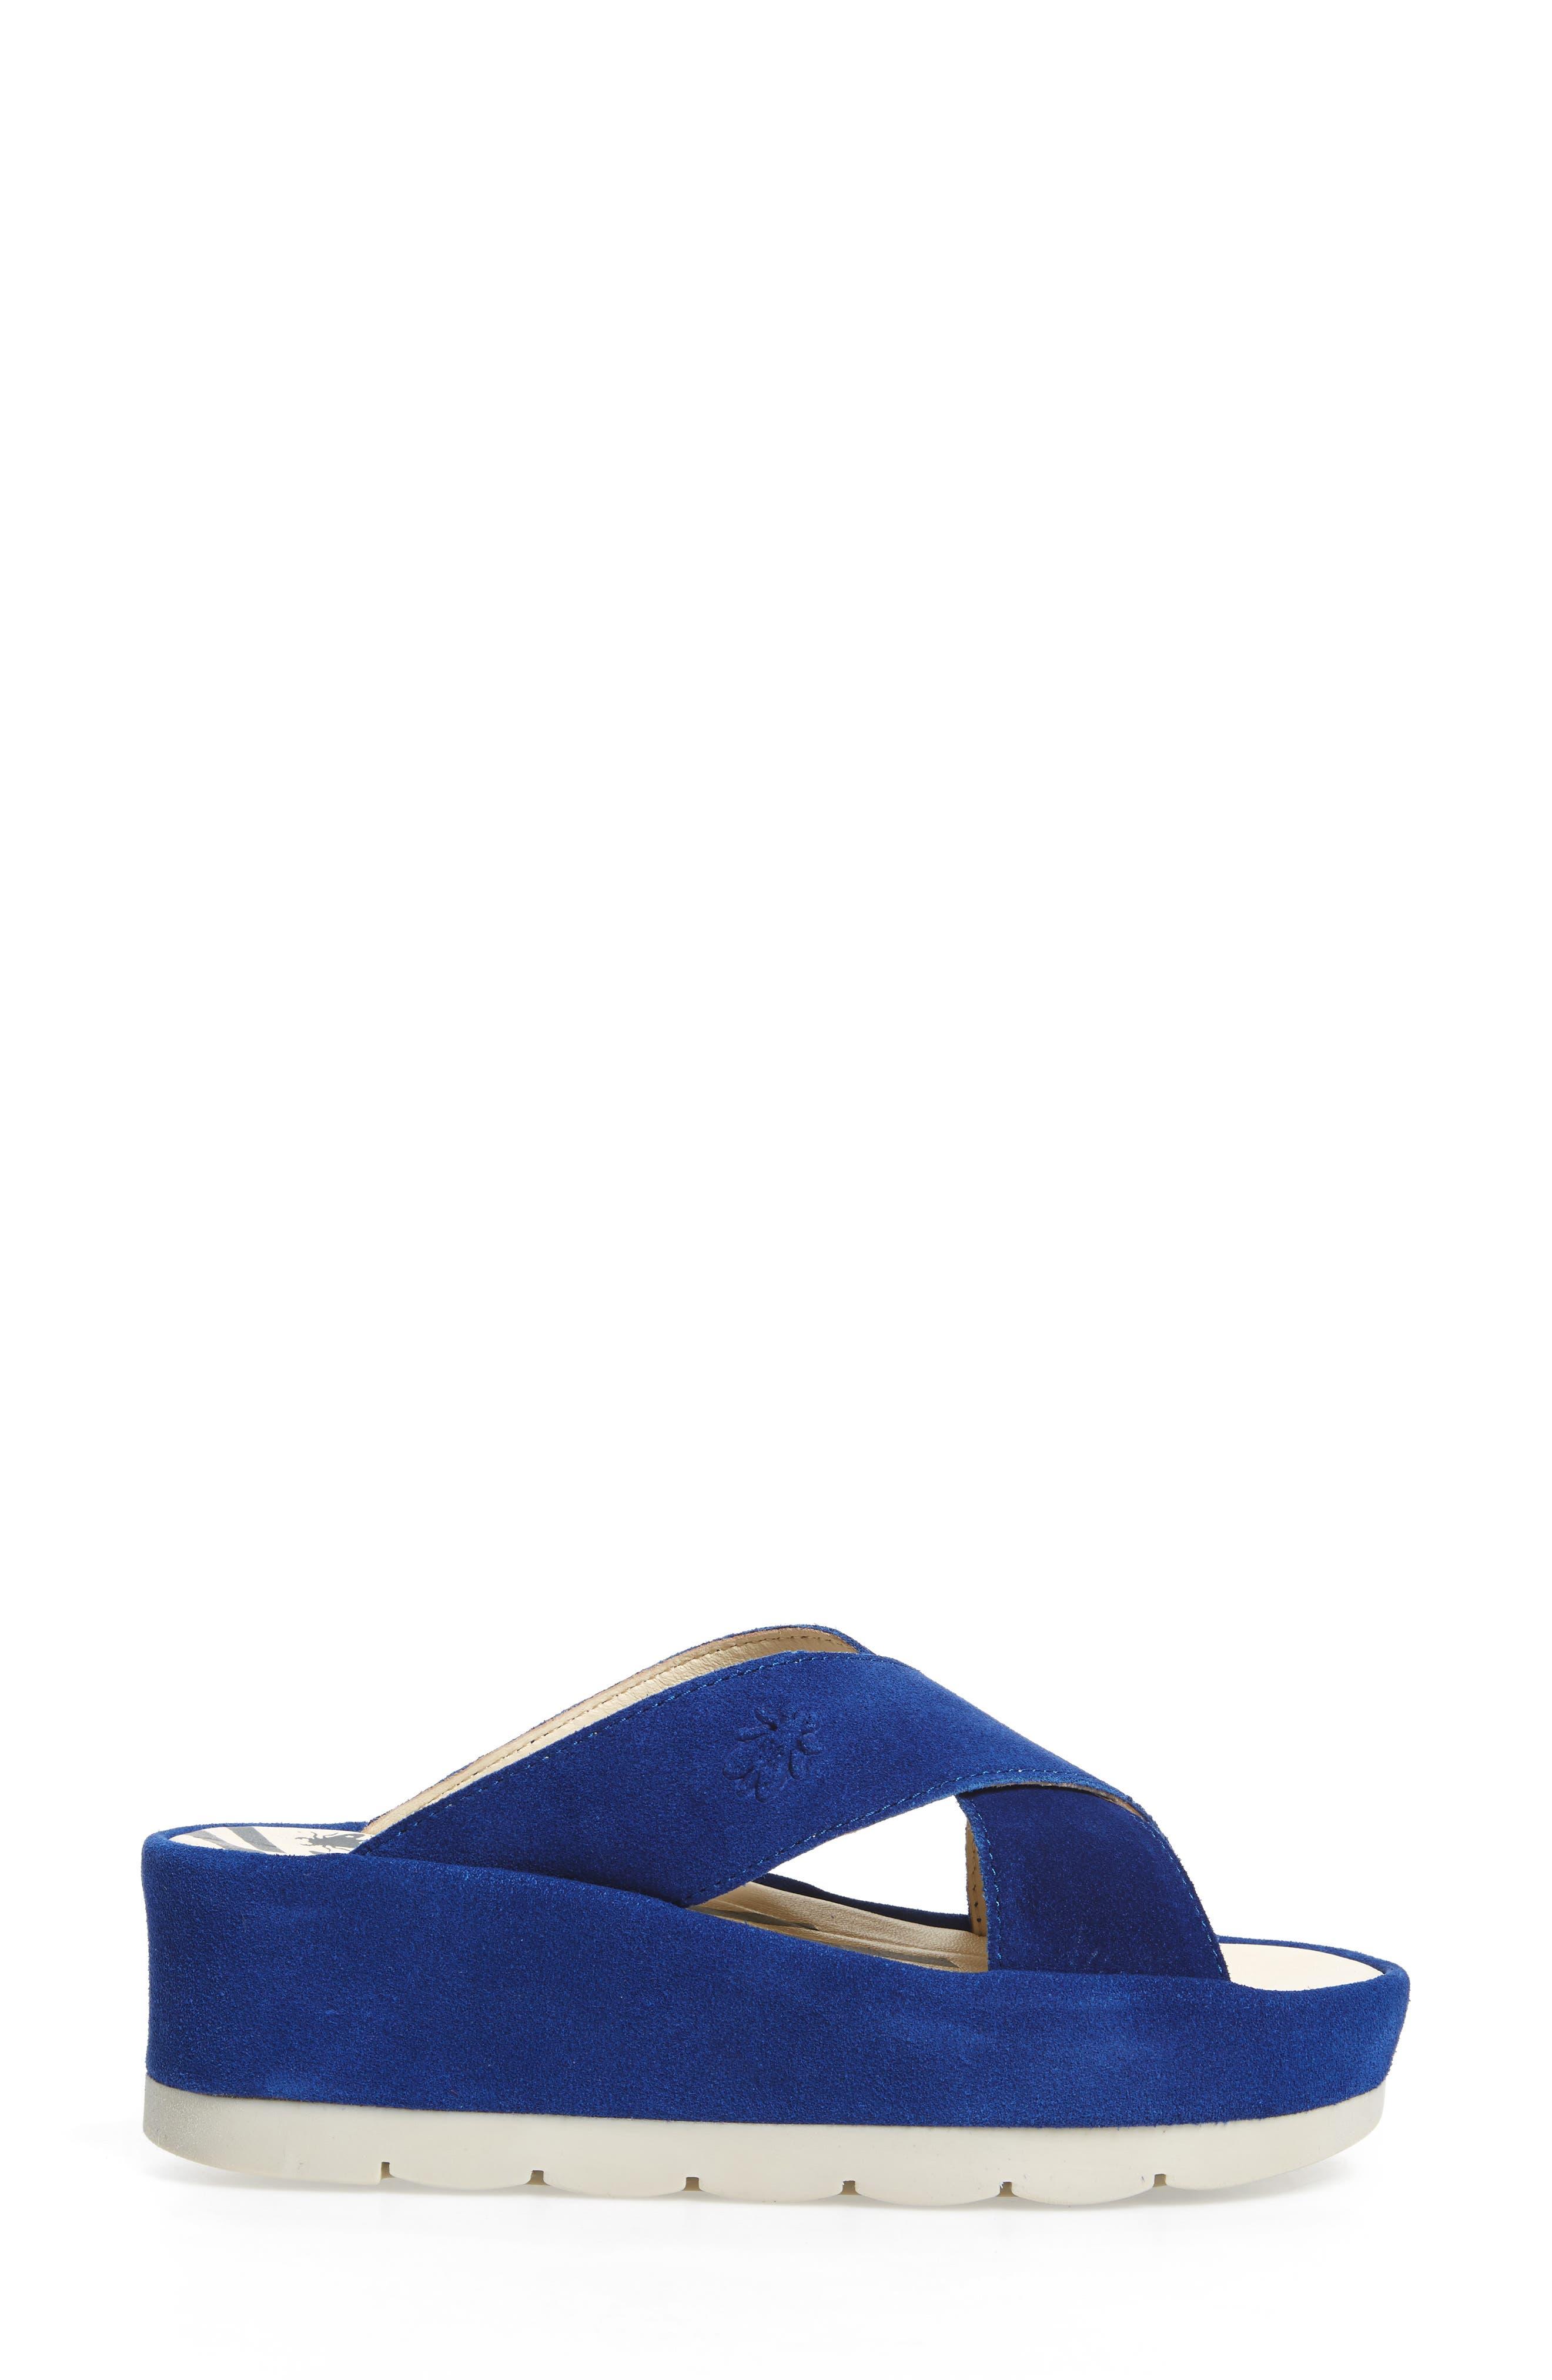 FLY LONDON, Begs Platform Slide Sandal, Alternate thumbnail 3, color, BLUE SUEDE